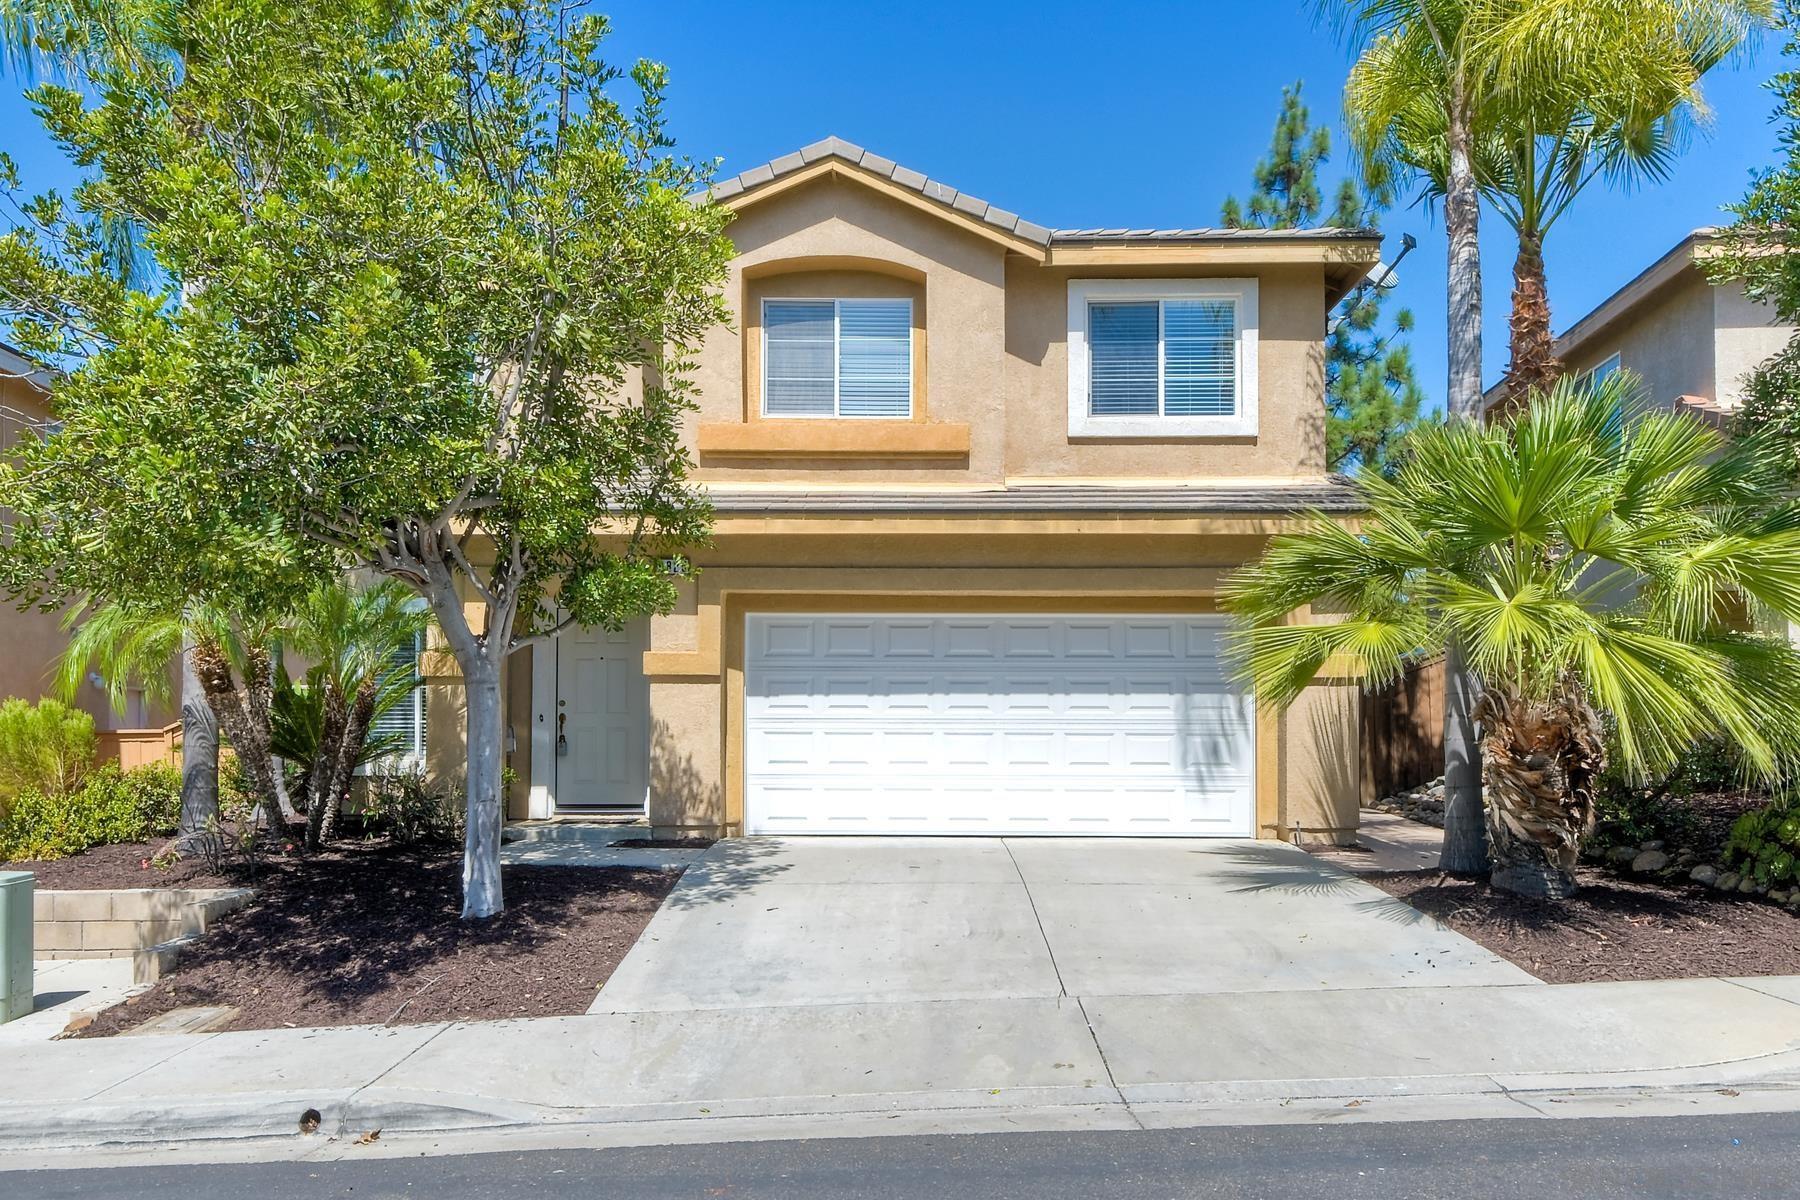 9825 Kika Court, San Diego, CA 92129